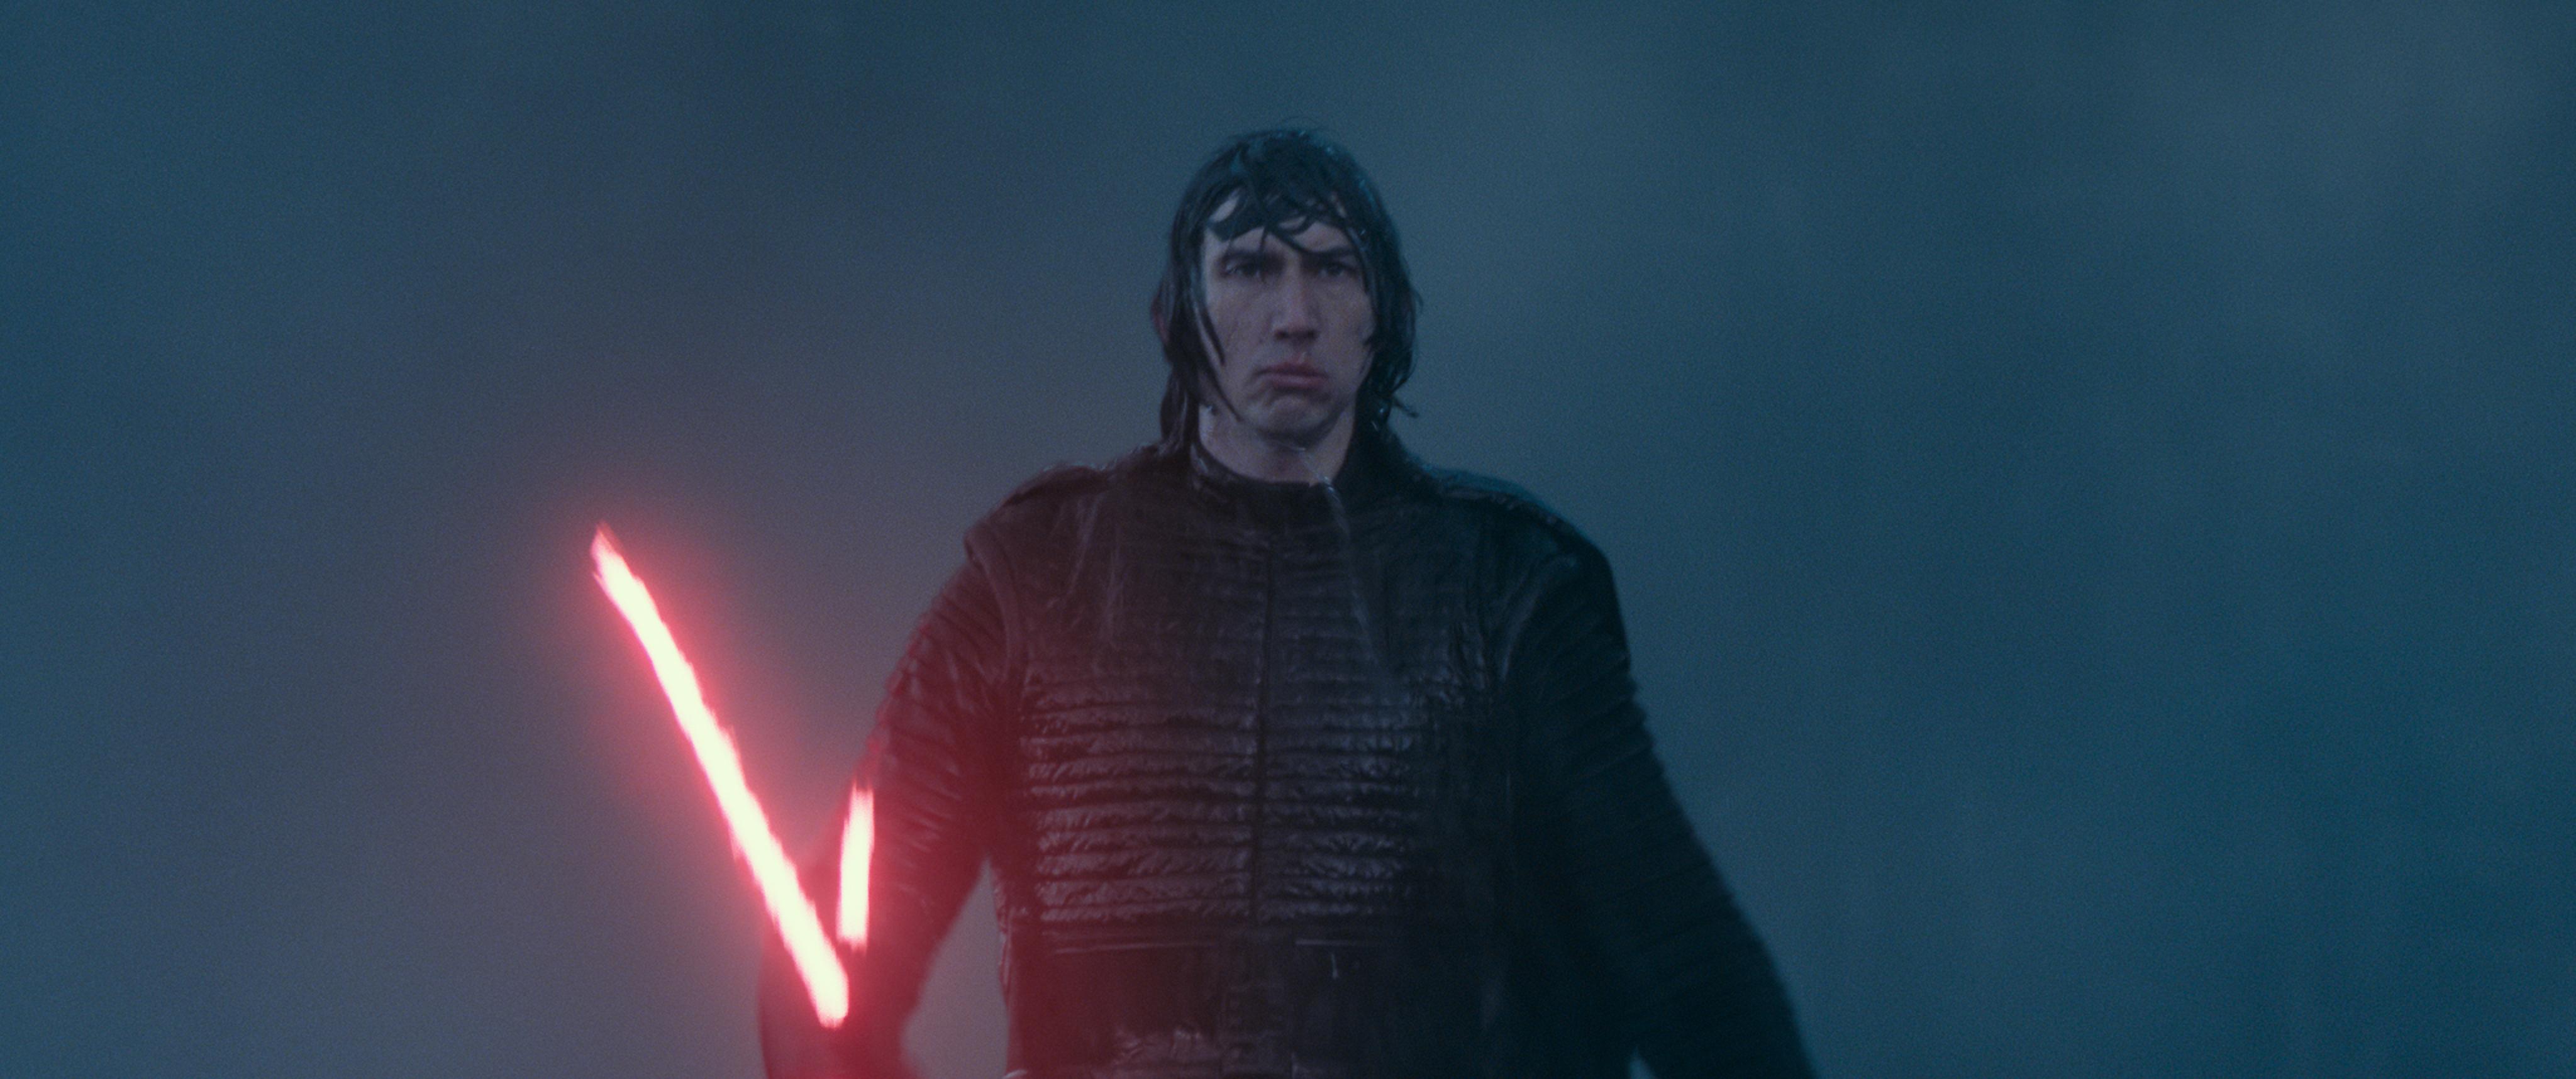 Kylo Ren - najlepszy czy najbardziej niewykorzystany bohater Star Wars?